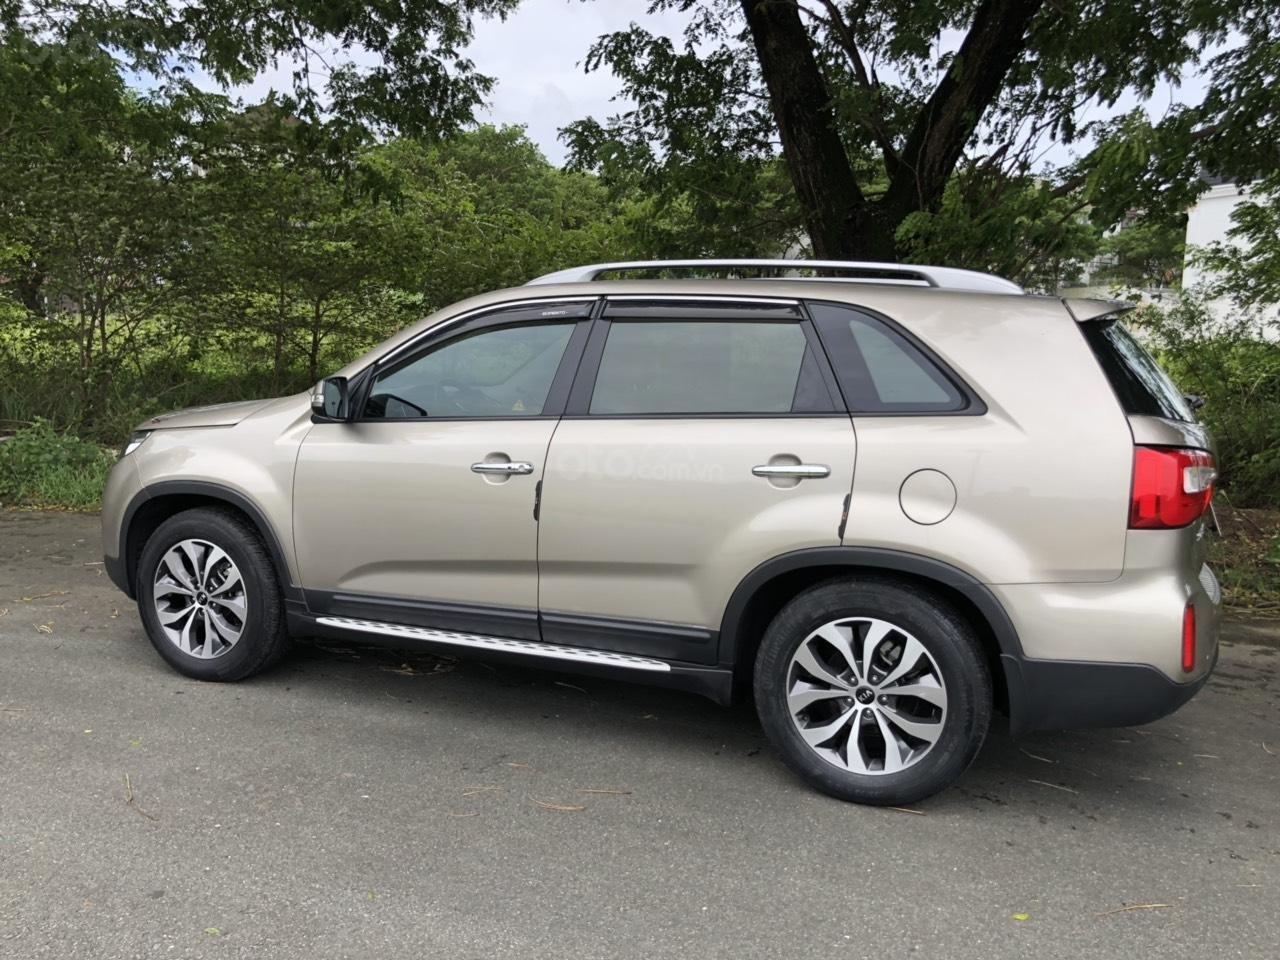 Bán Kia New Sorento DATH 2.2AT máy dầu, sản xuất 2016 đời 2017 xe đẹp (9)